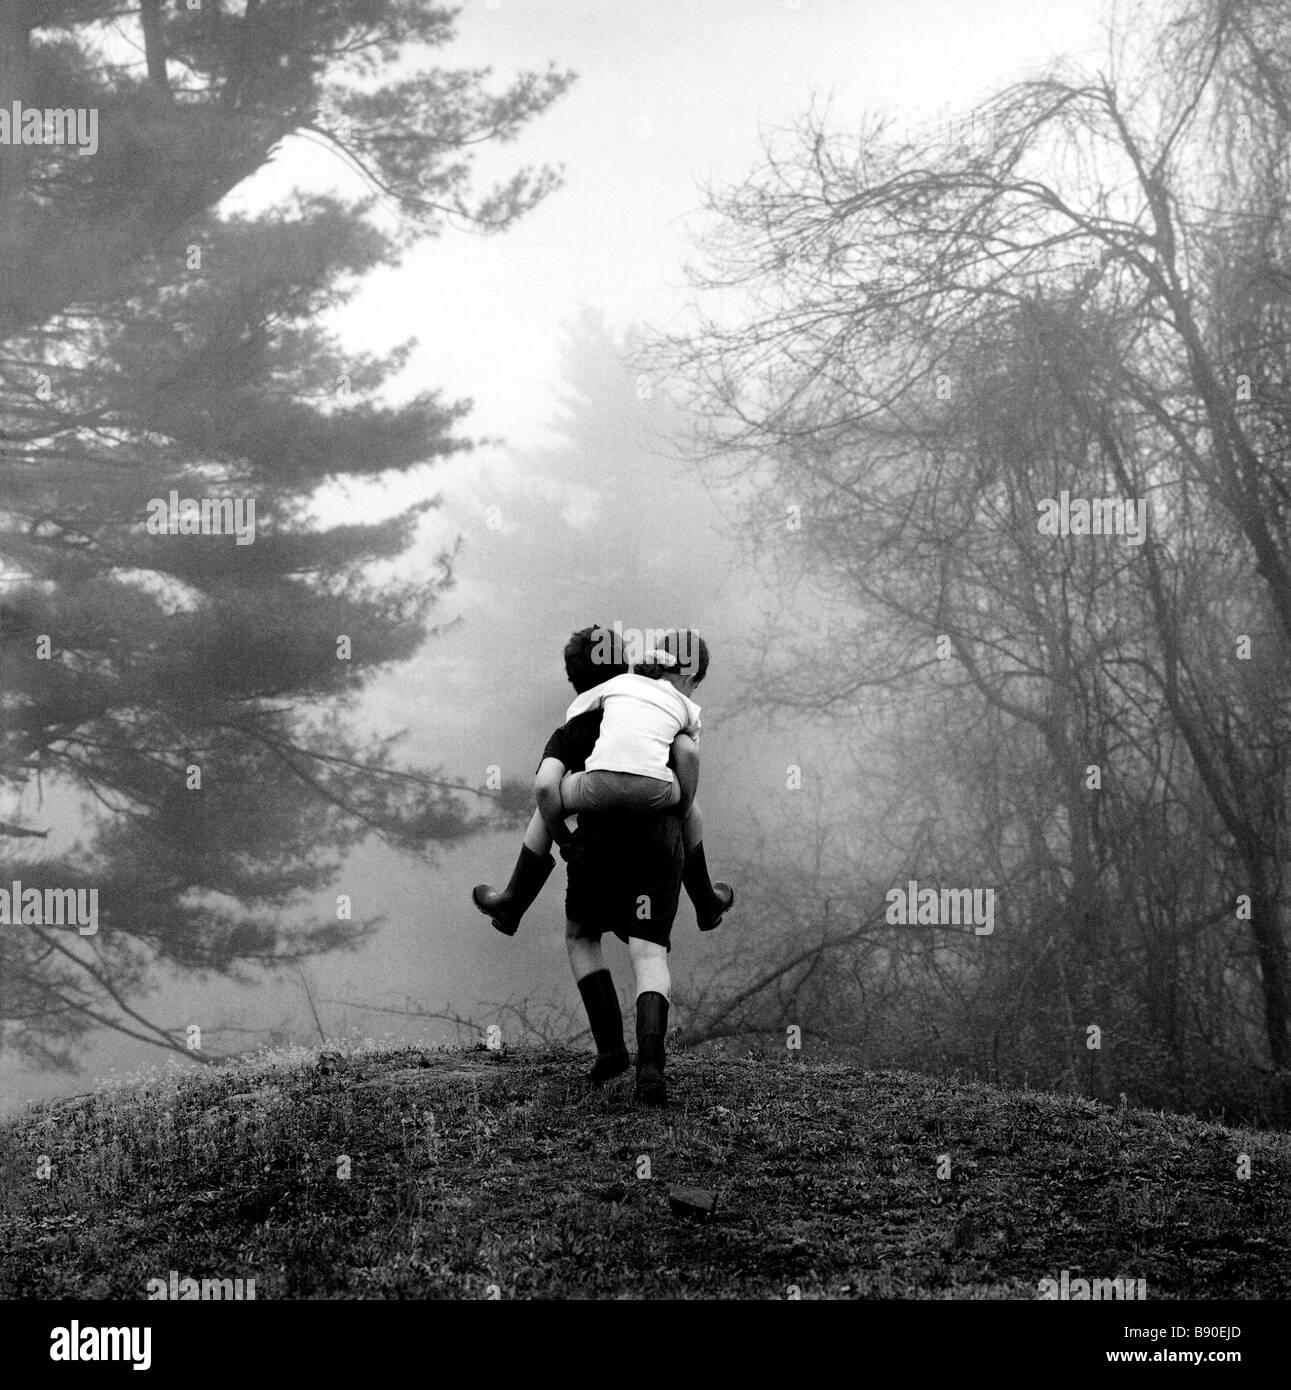 FL2608, NICK KELSH; Boy piggybacking ragazza attraverso boschi Immagini Stock